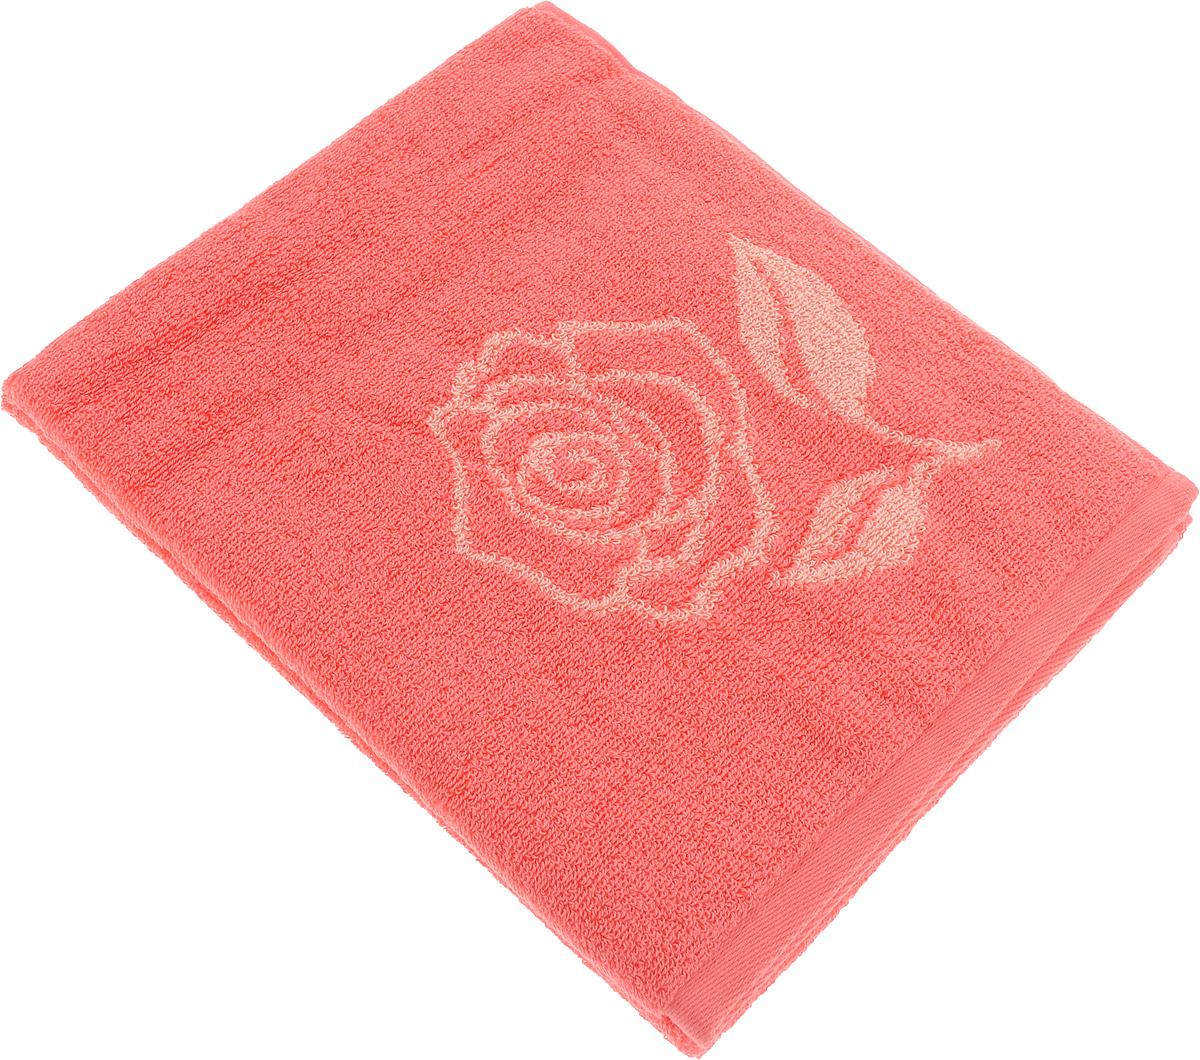 Полотенце банное Aquarelle Розы 1, цвет: розово-персиковый, коралловый, 50 х 90 см полотенце aquarelle розы 3 цвет розовый орхидея 50 х 90 см